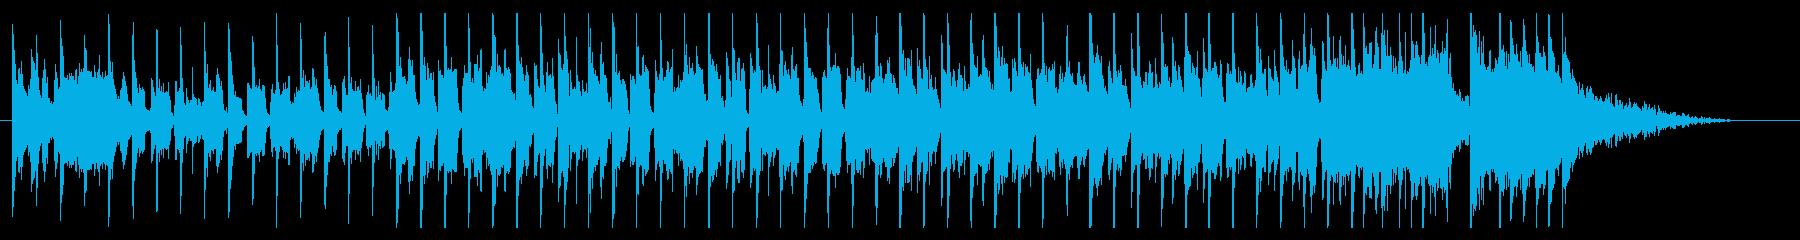 30秒チャレンジBGM/軽快/番組/動画の再生済みの波形